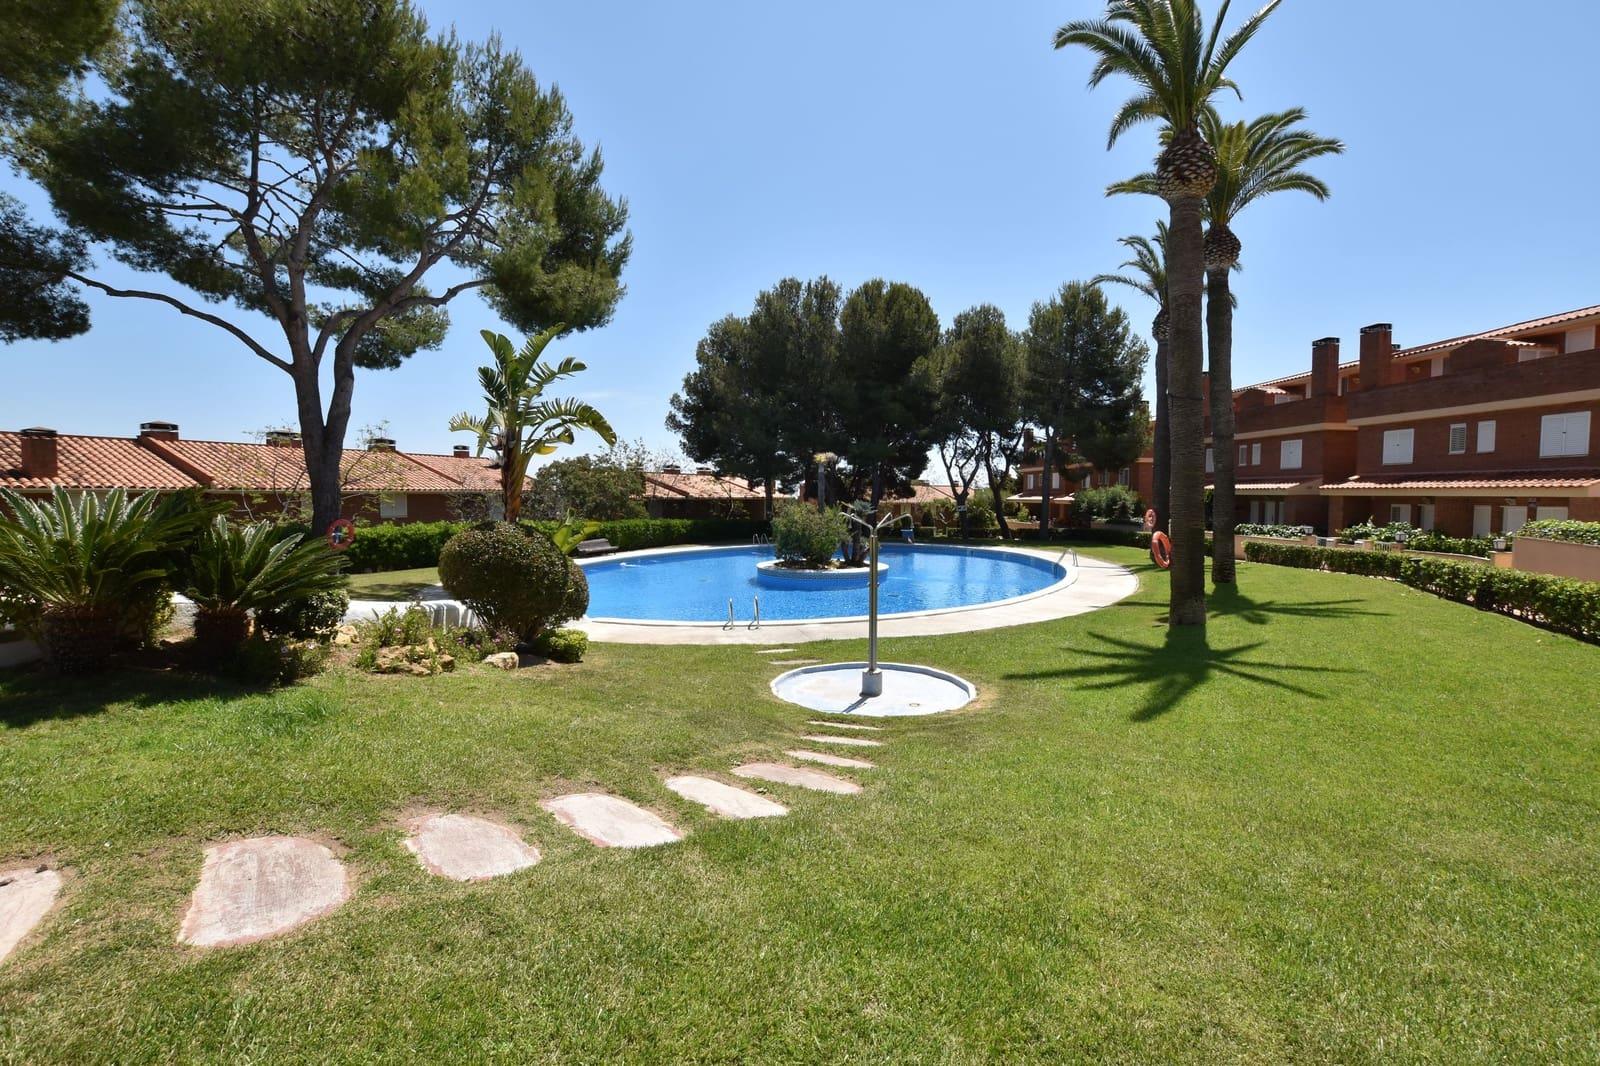 3 soverom Rekkehus til salgs i Tarragona by med svømmebasseng garasje - € 274 000 (Ref: 5693713)